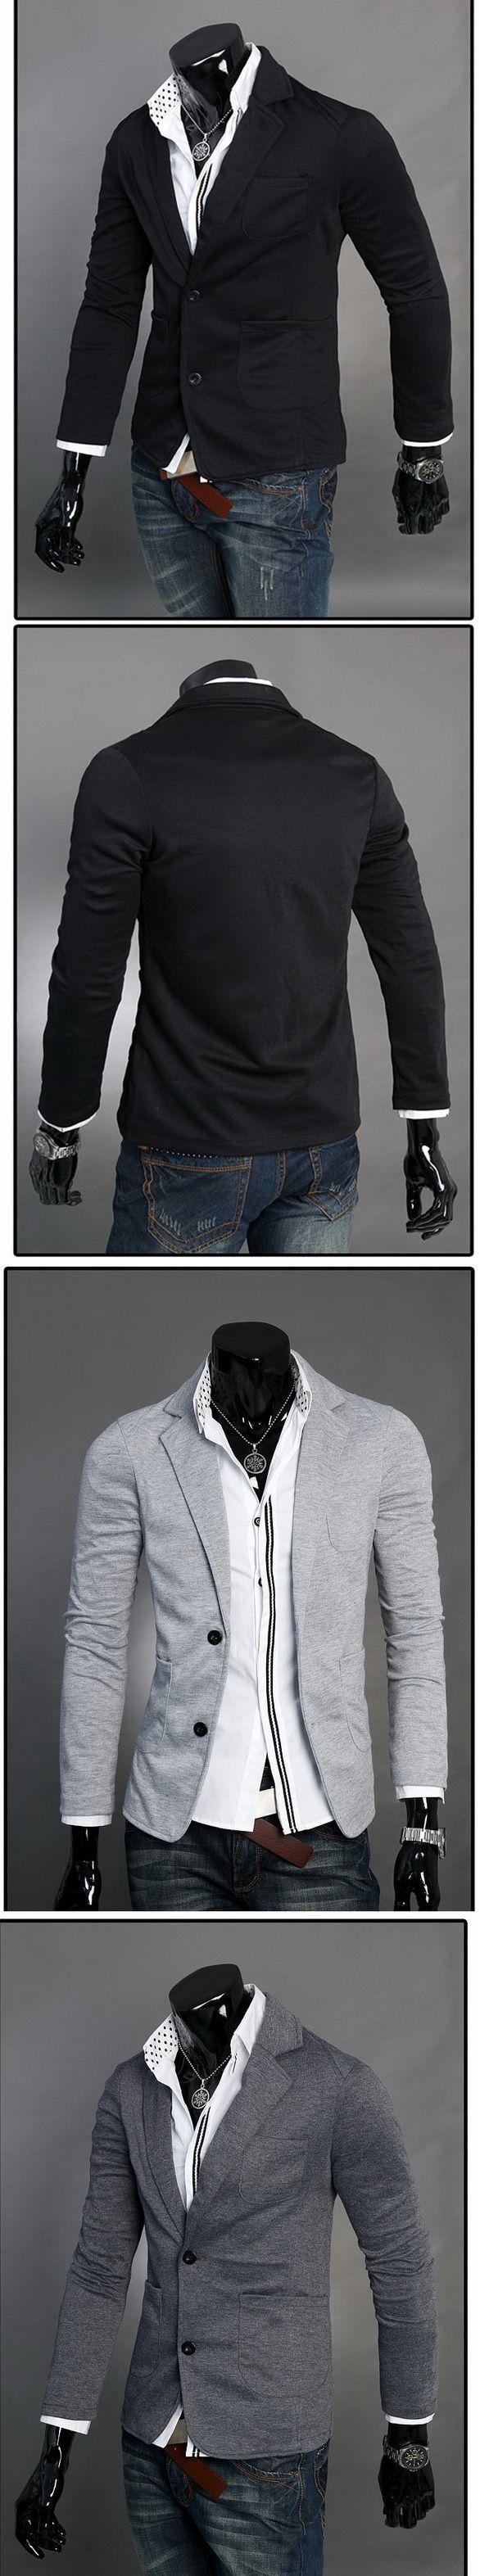 เสื้อผ้าผู้ชายพร้อมส่ง : แจ๊คเก็ตผ้ายืดสไตล์สูทแต่งกระเป๋า